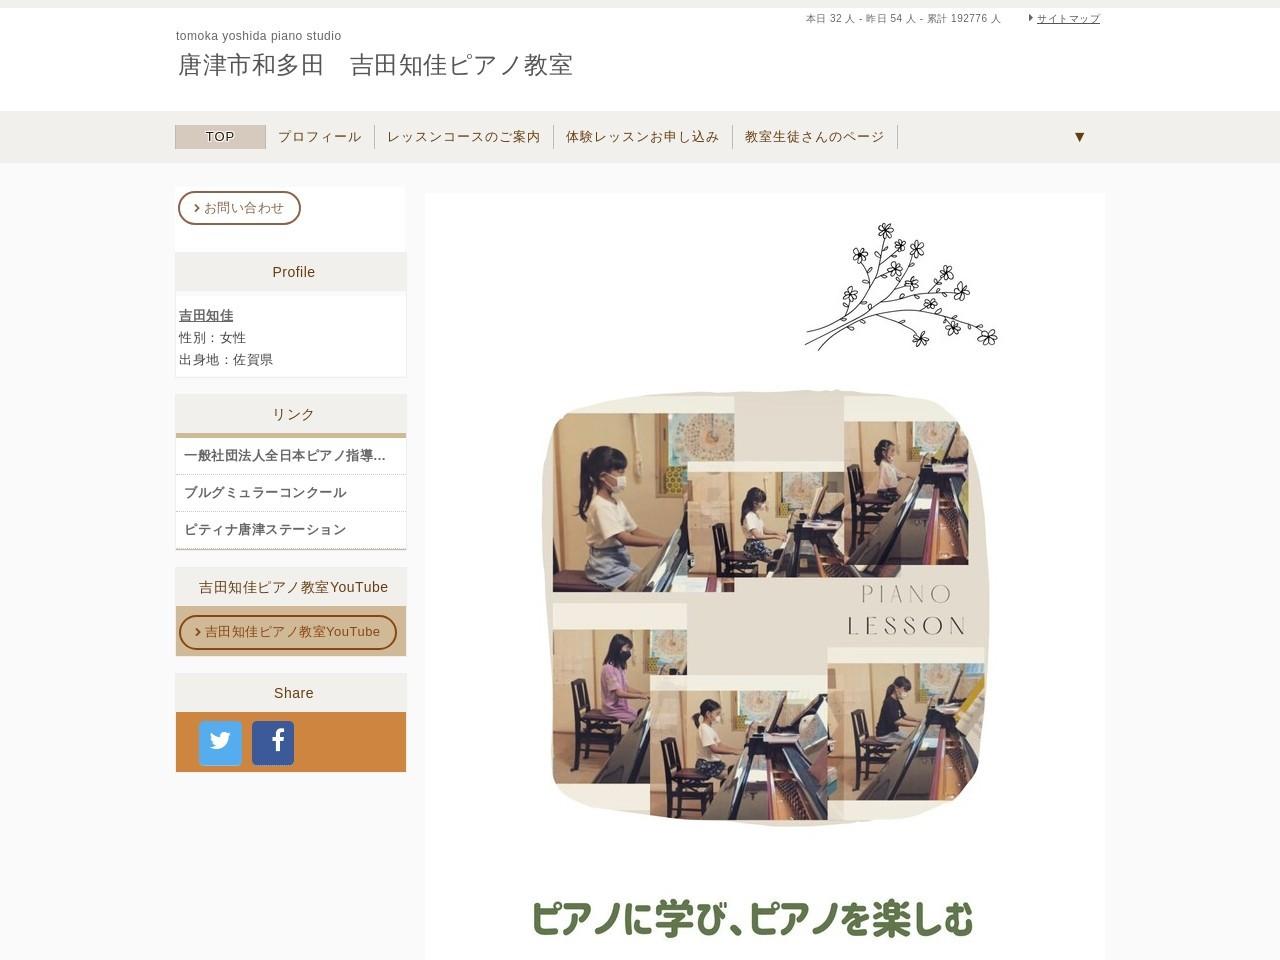 吉田知佳ピアノ教室のサムネイル